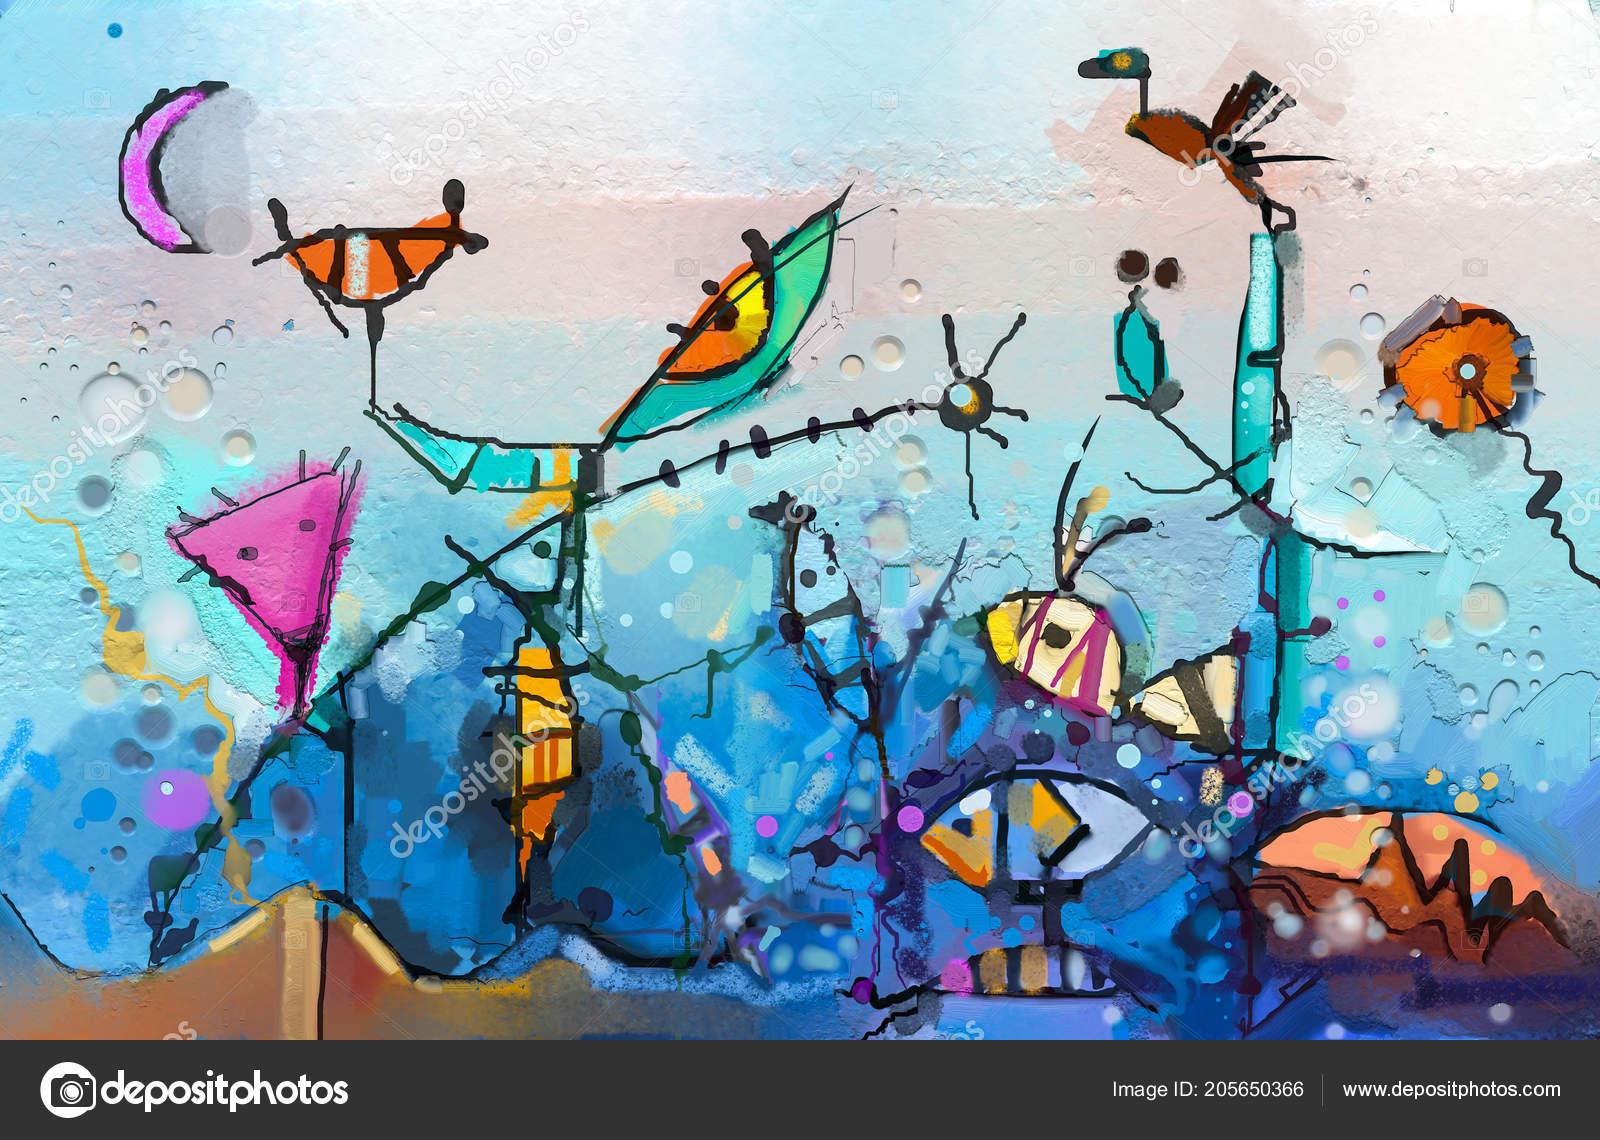 Peinture Huile Abstraite Fantaisie Colorée Semi Résumé Enfant Arbre